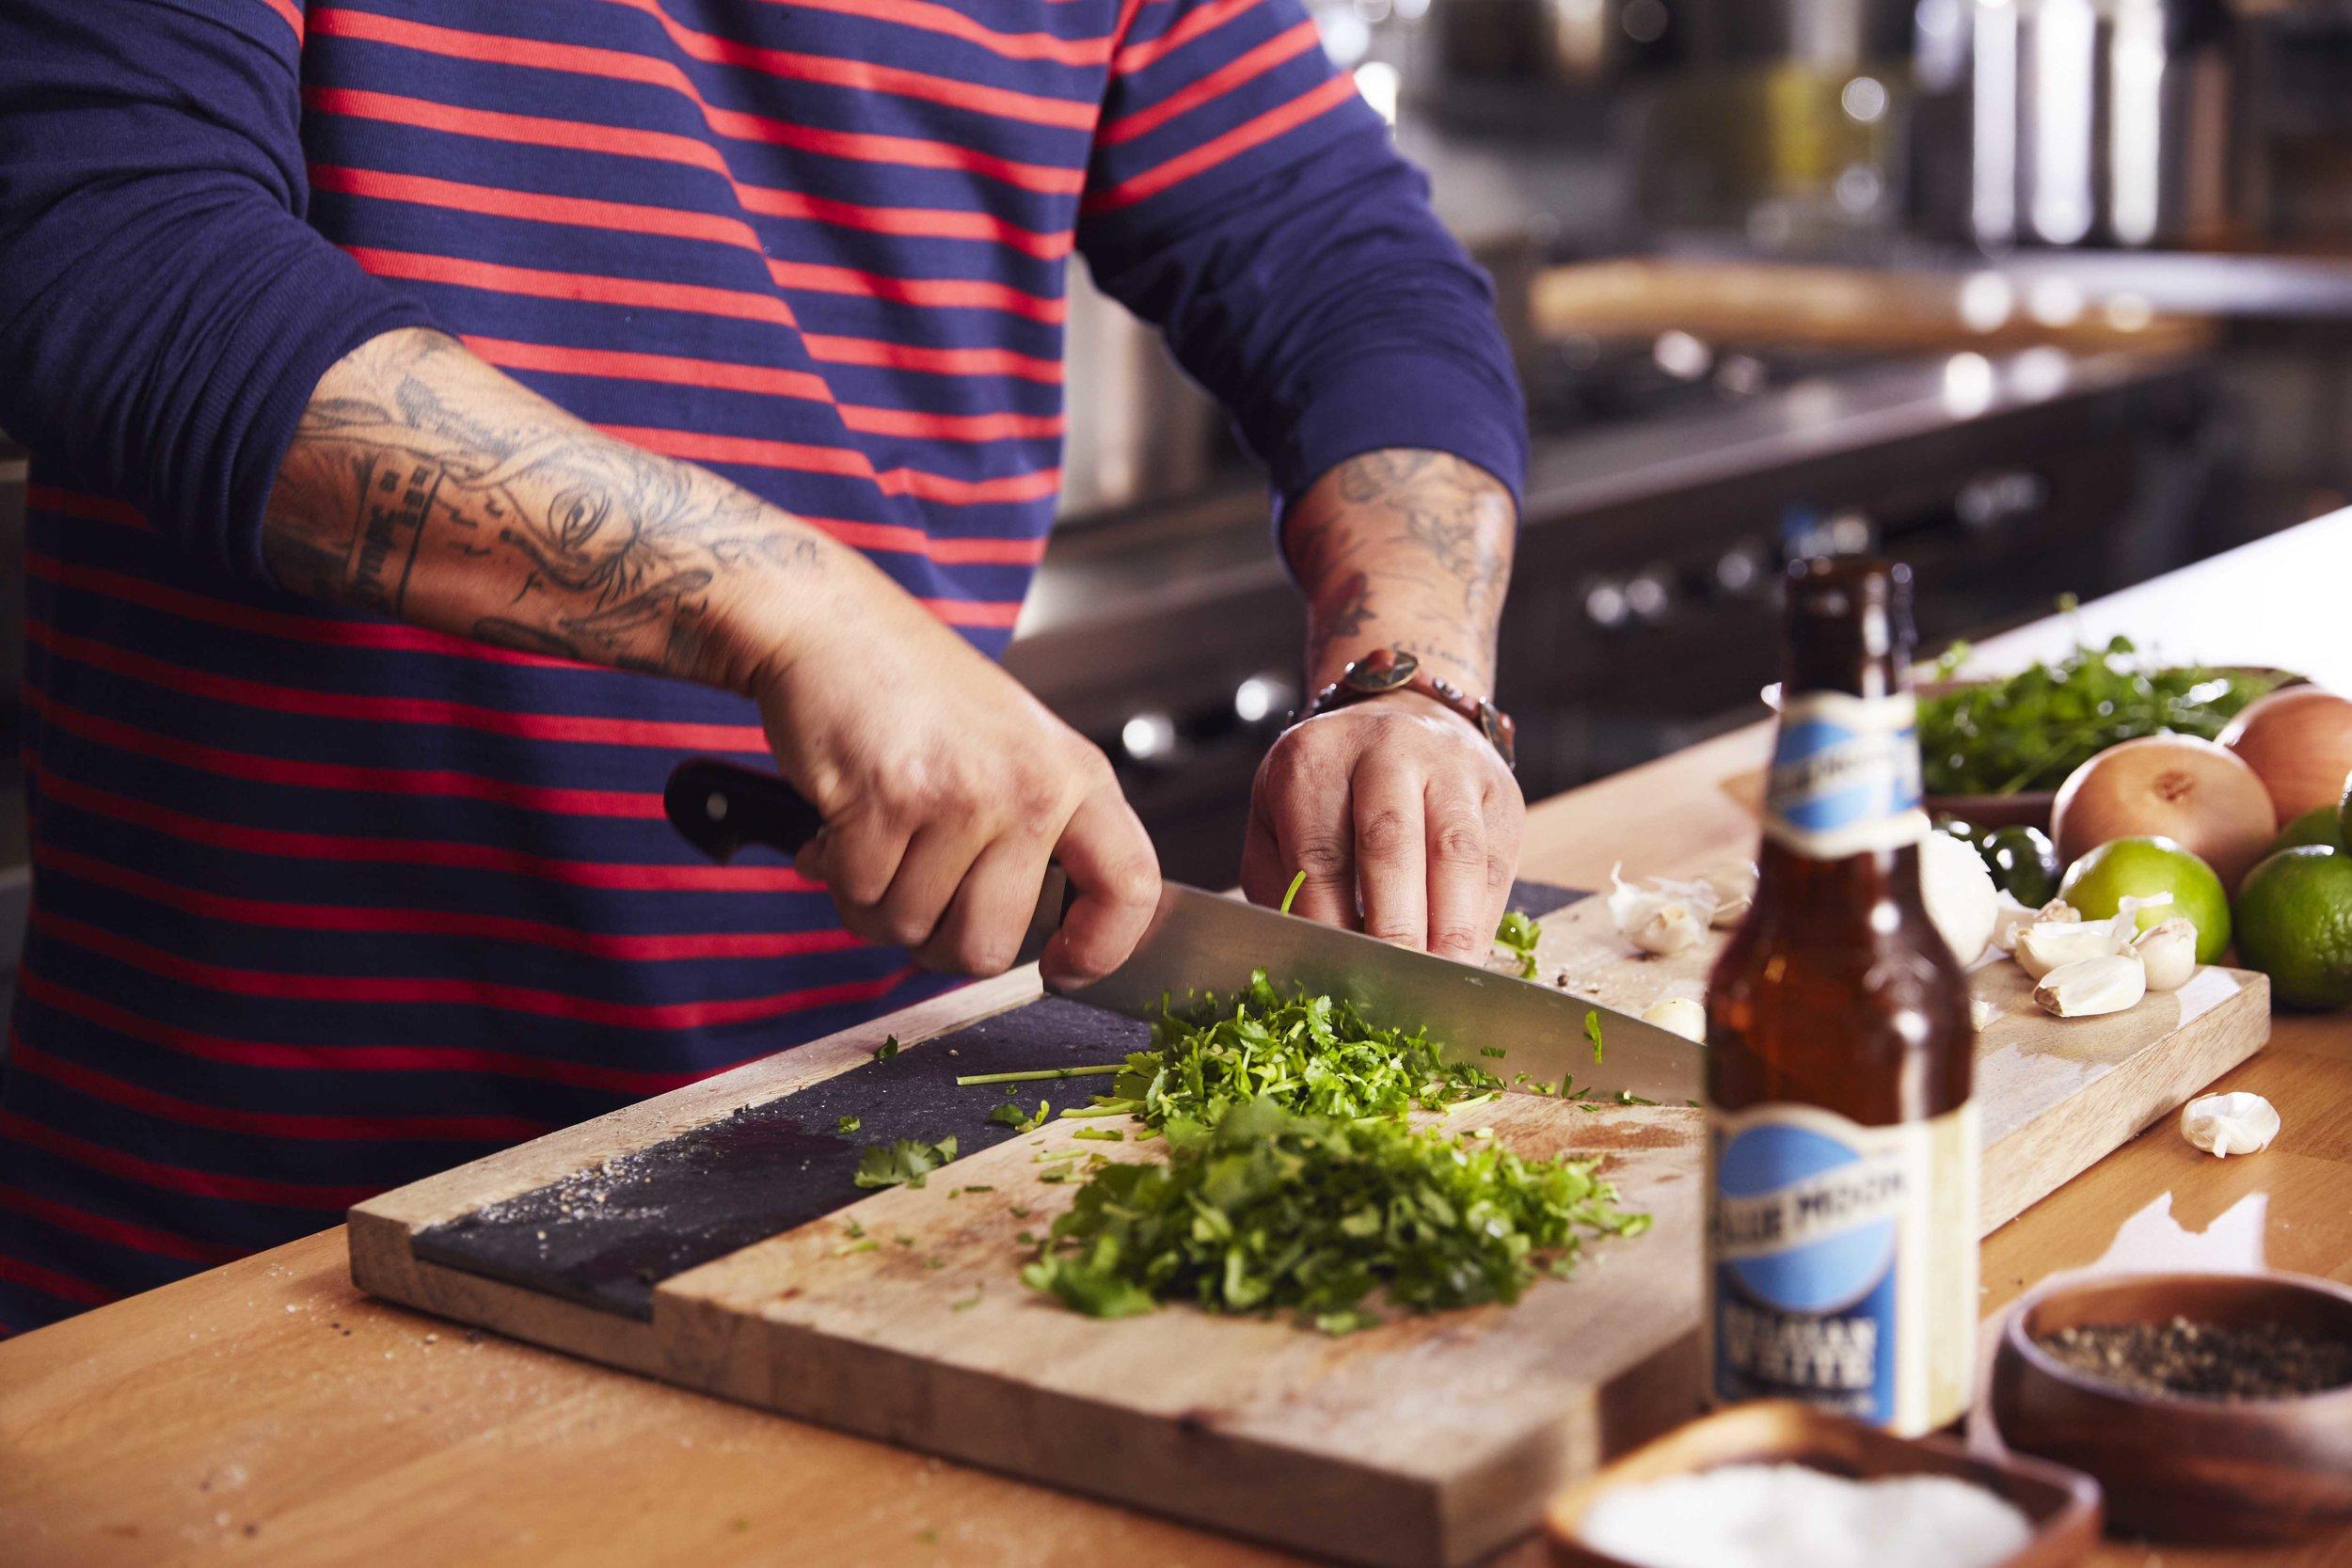 bluemoon-kitchen2-7287.jpg